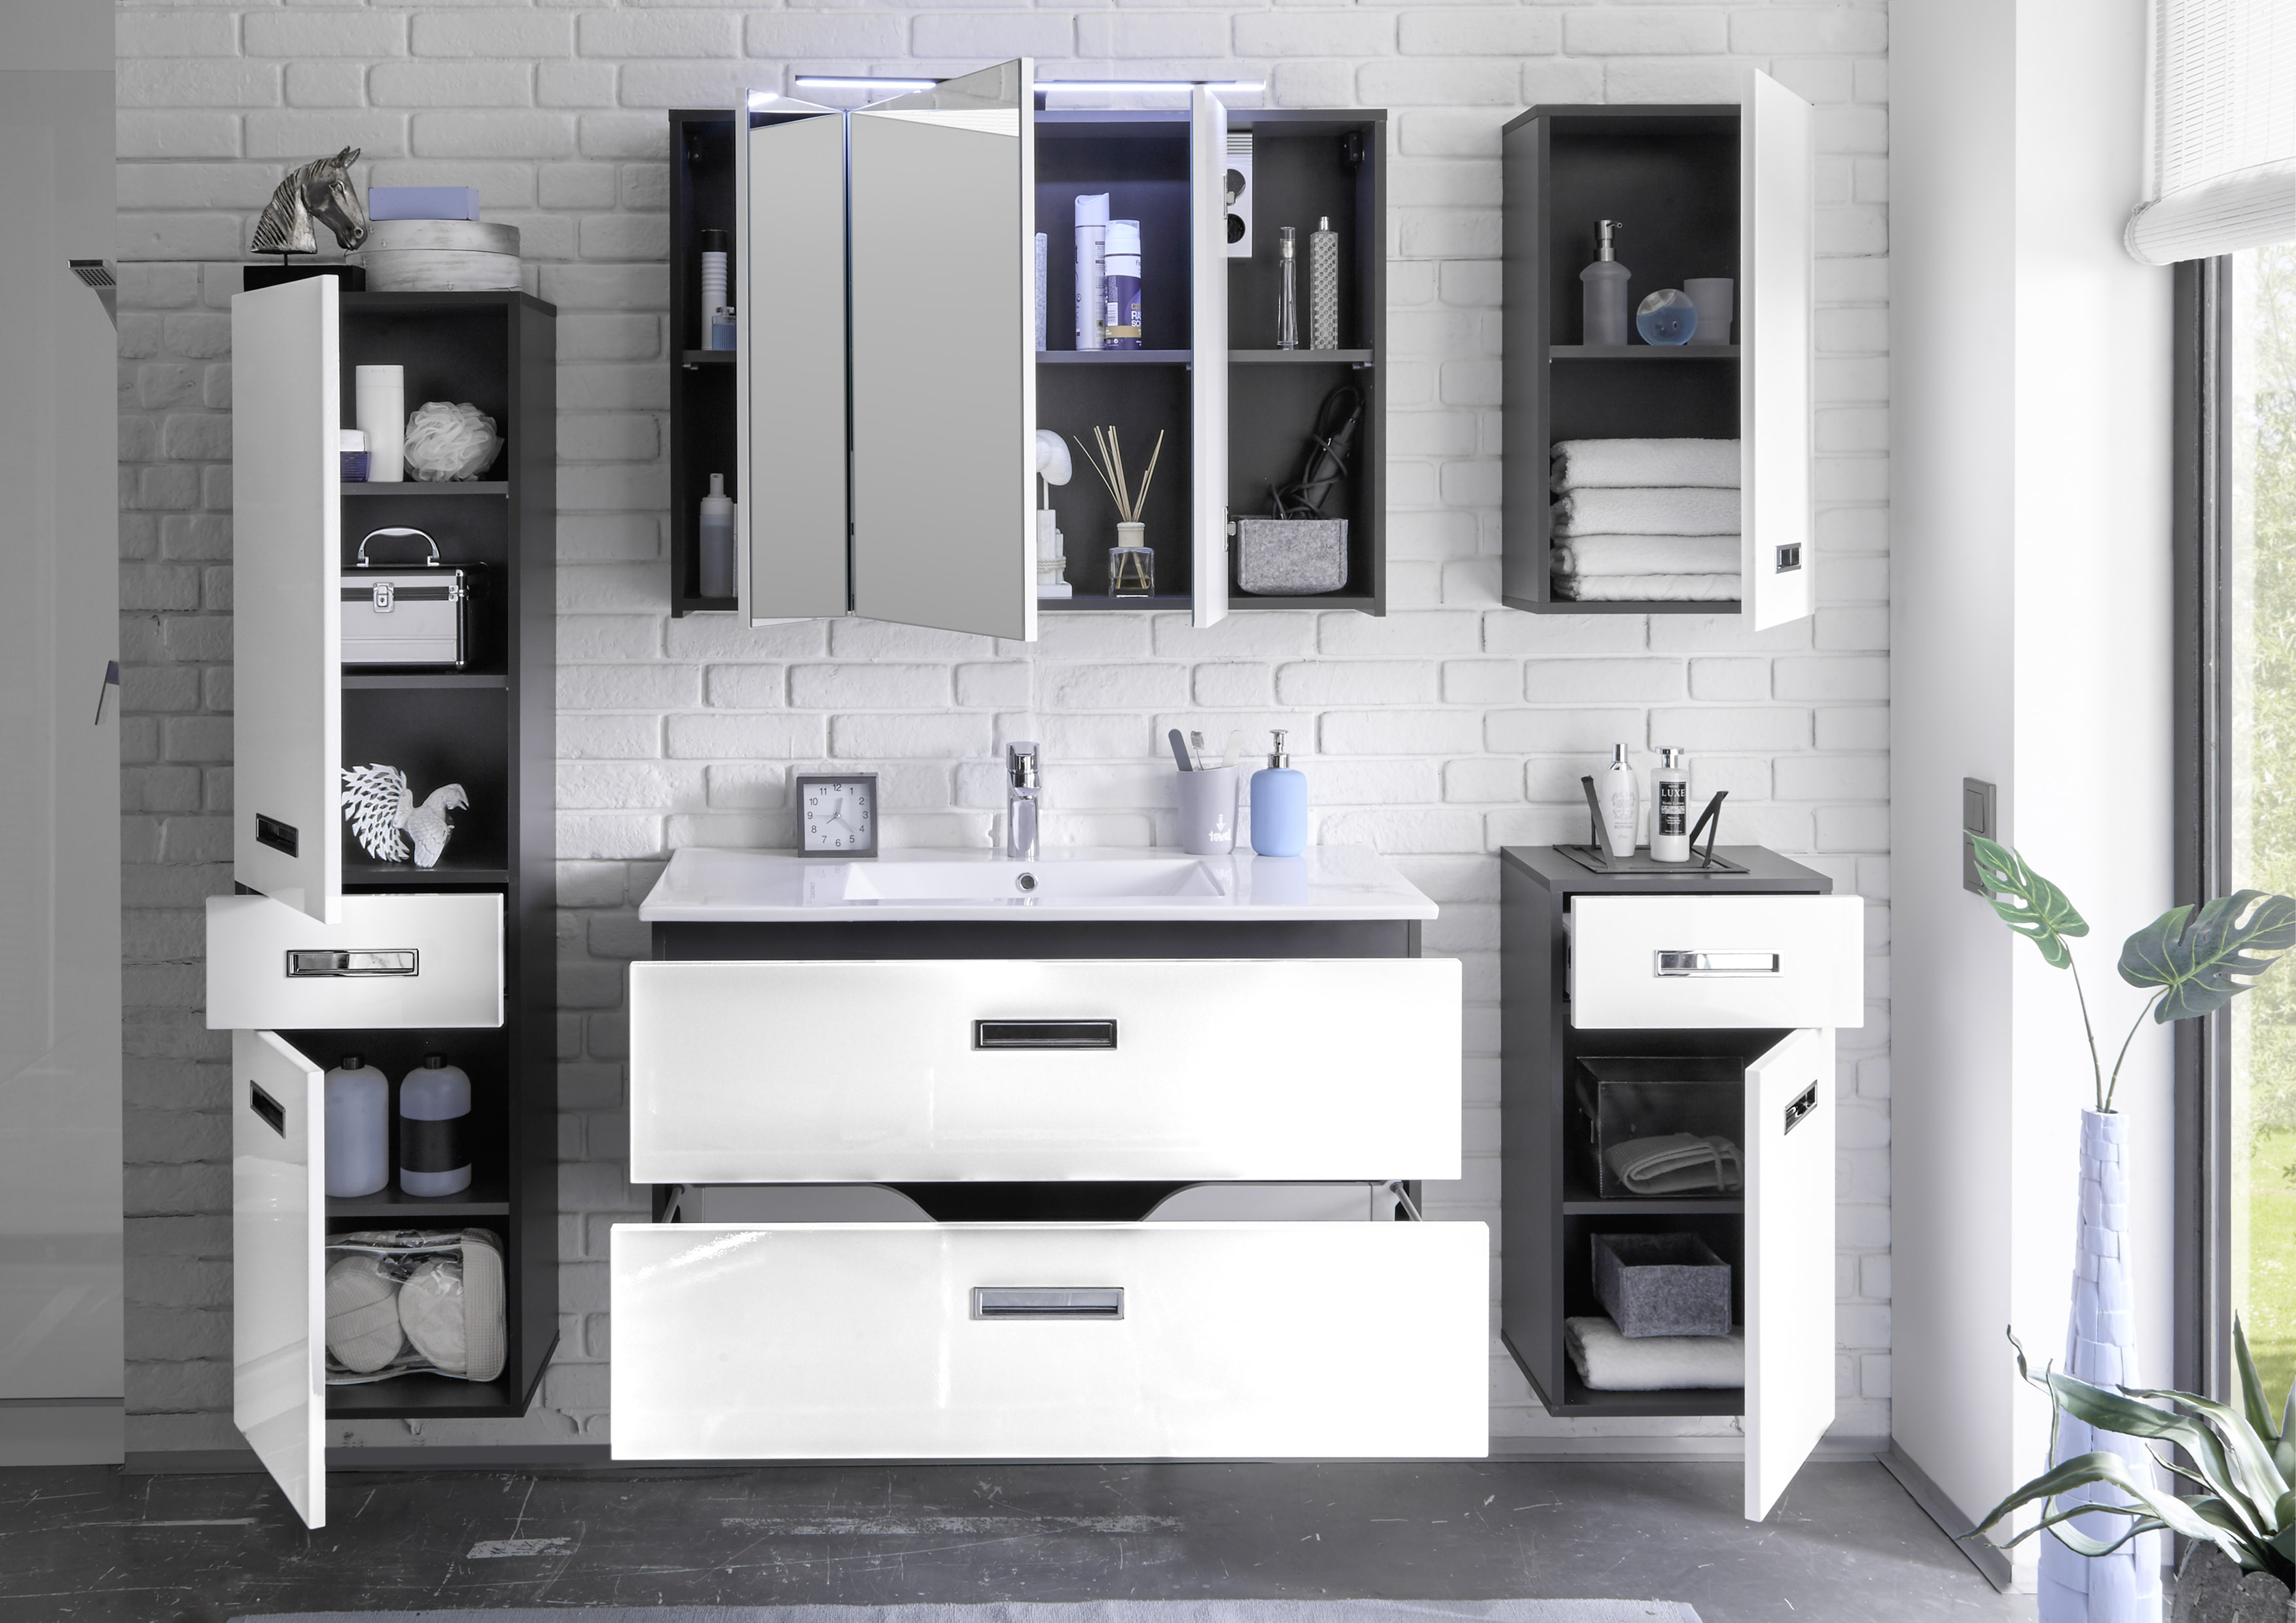 manhattan badezimmer set komplettset badmöbel badezimmermöbel grau, Wohnzimmer dekoo